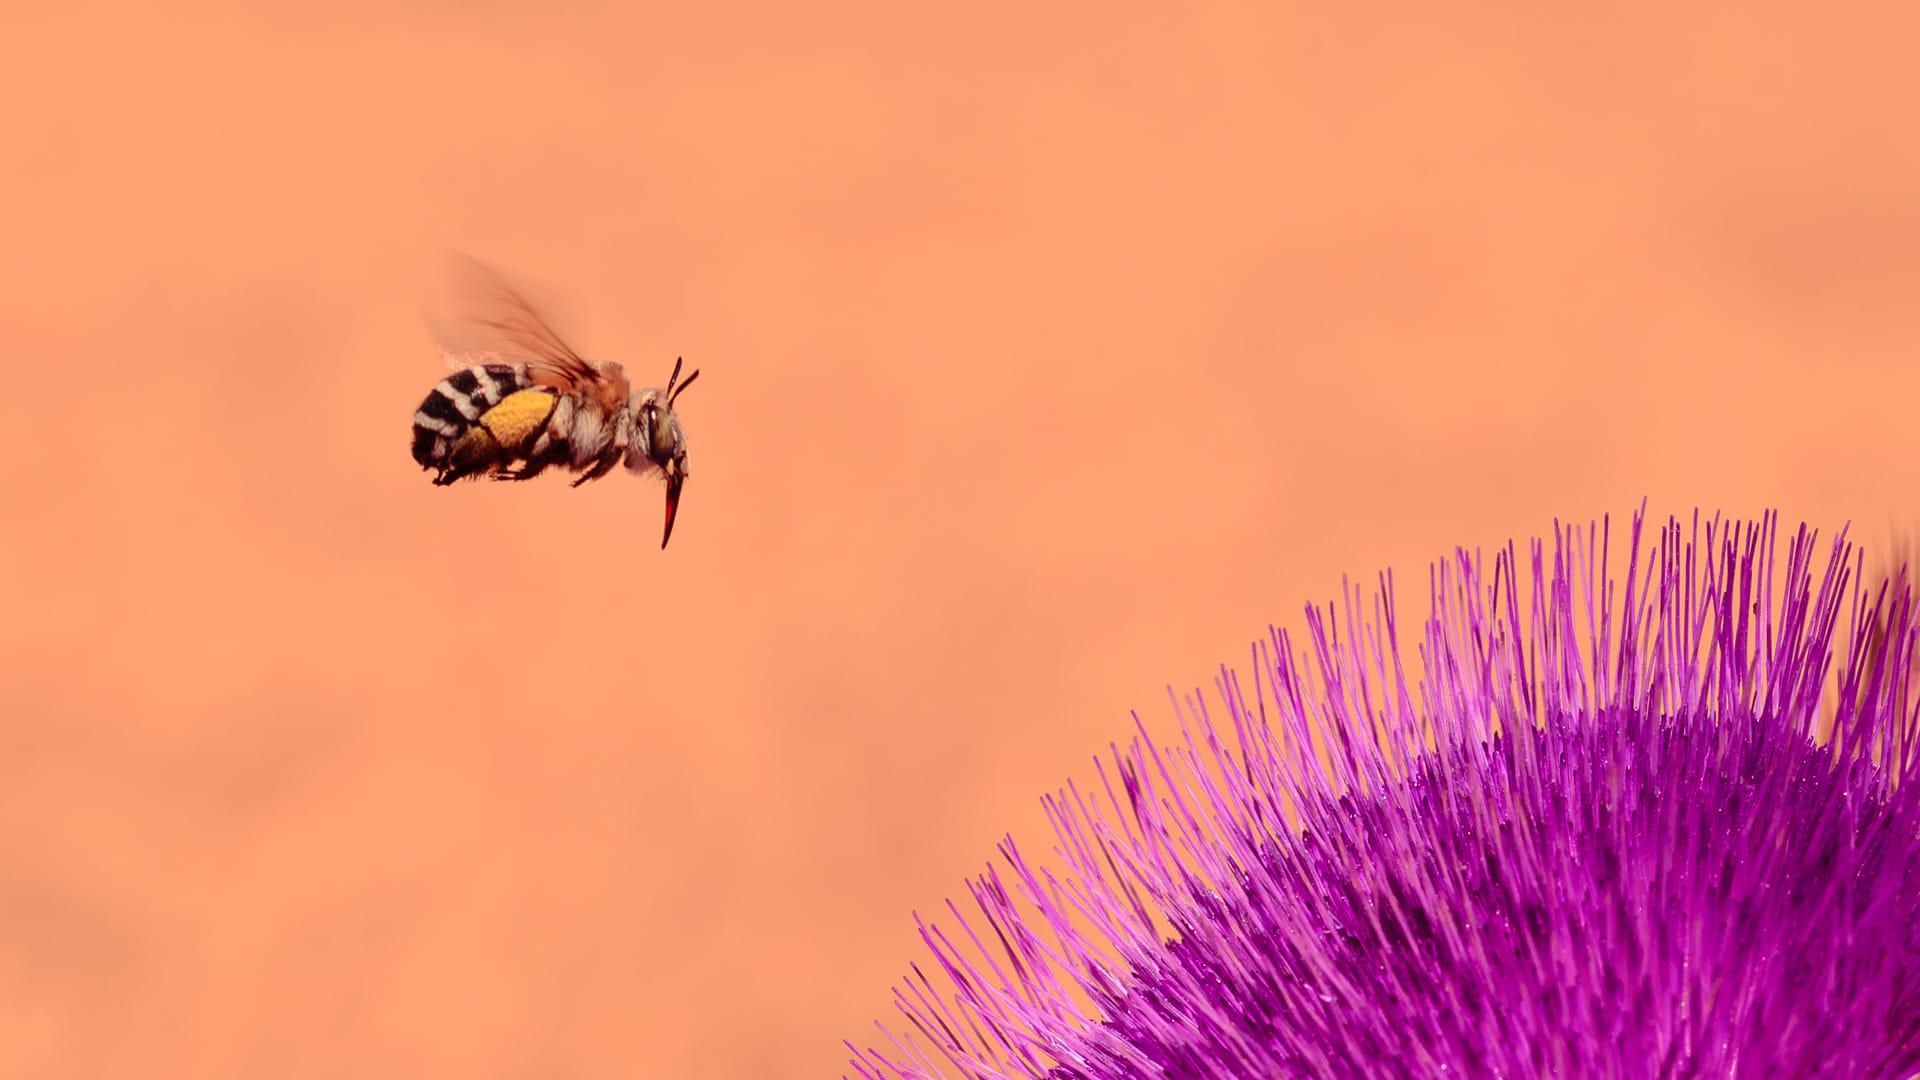 ei caldo y la abeja